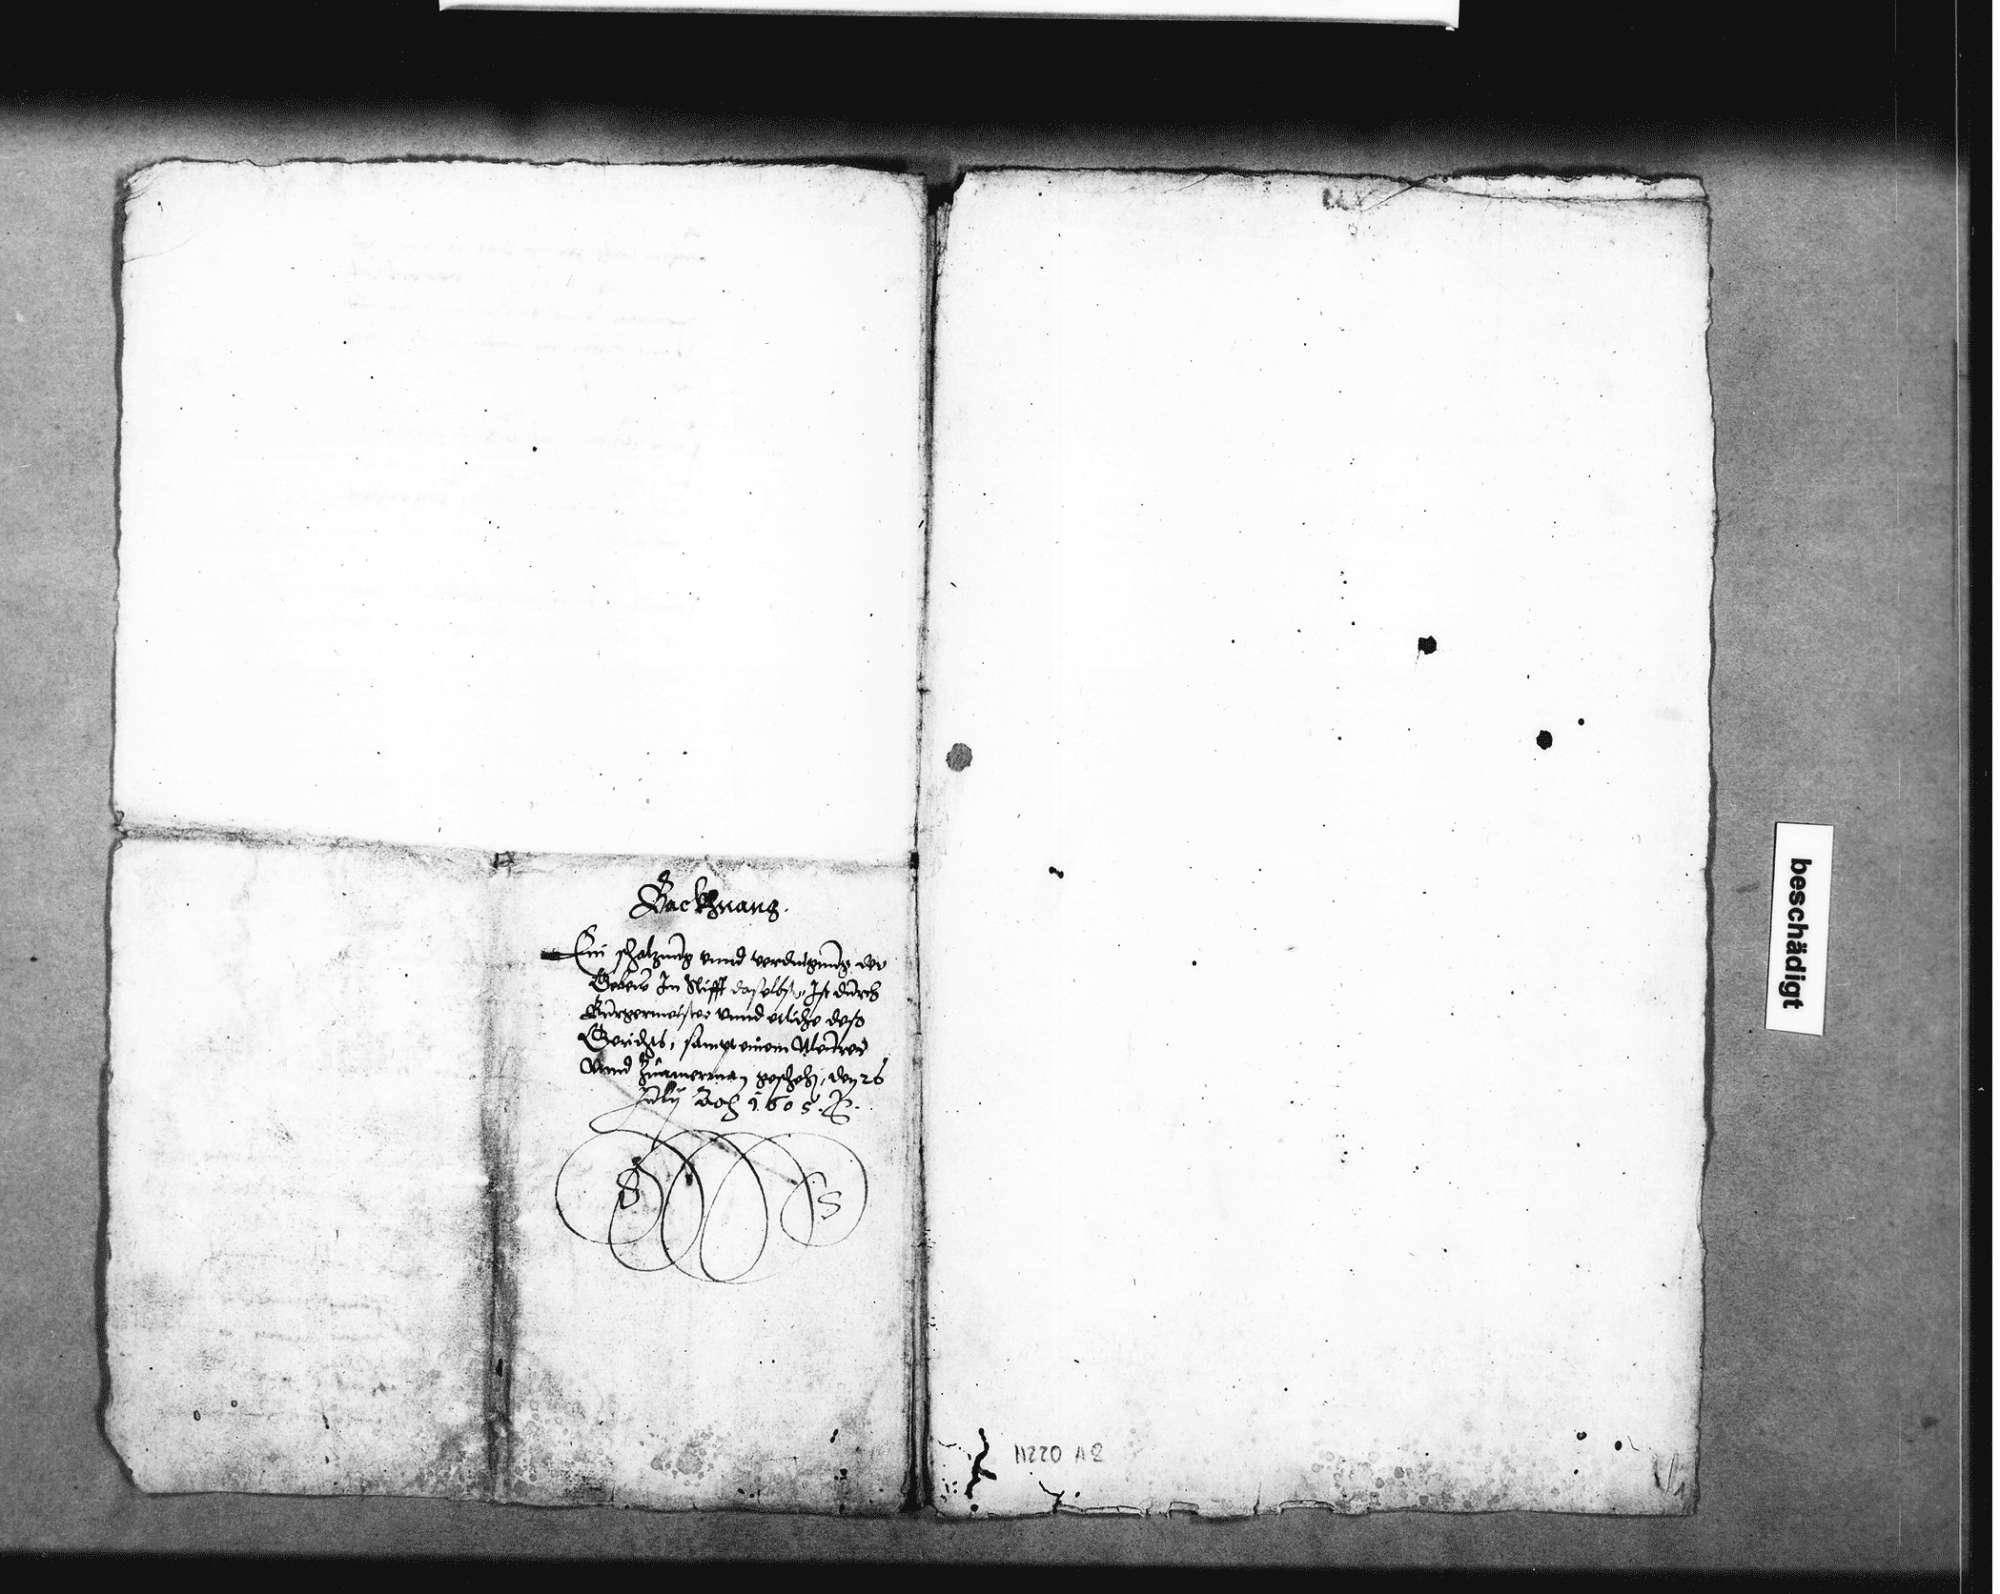 Kostenschätzung für den Abbruch der Stiftshäuser in Backnang für den Neubau des Schlosses, gefertigt von Elias Guntzenhäuser u. a., Bild 1